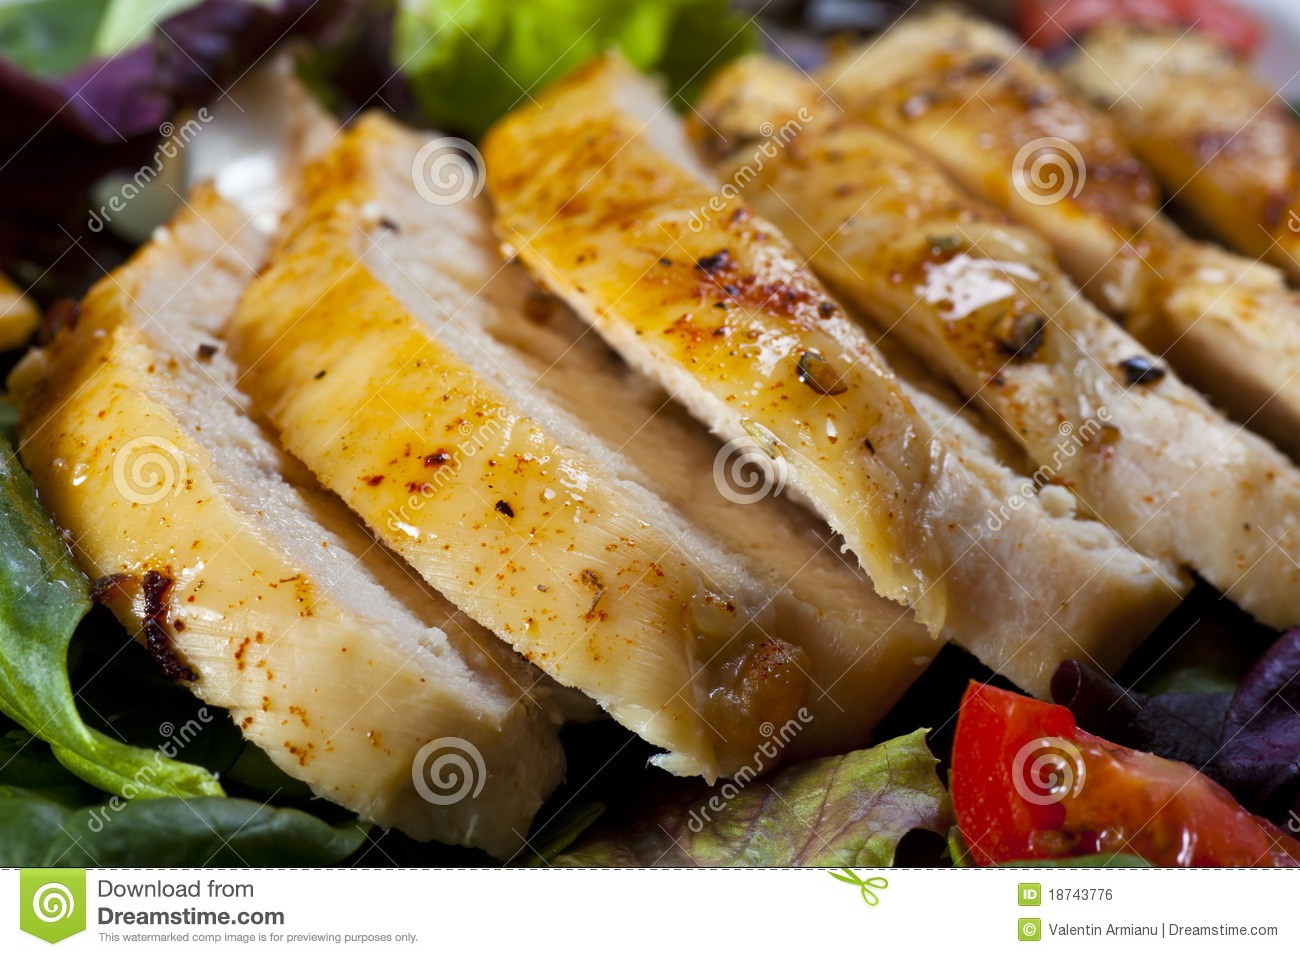 Whole Foods Sliced Turkey Breast